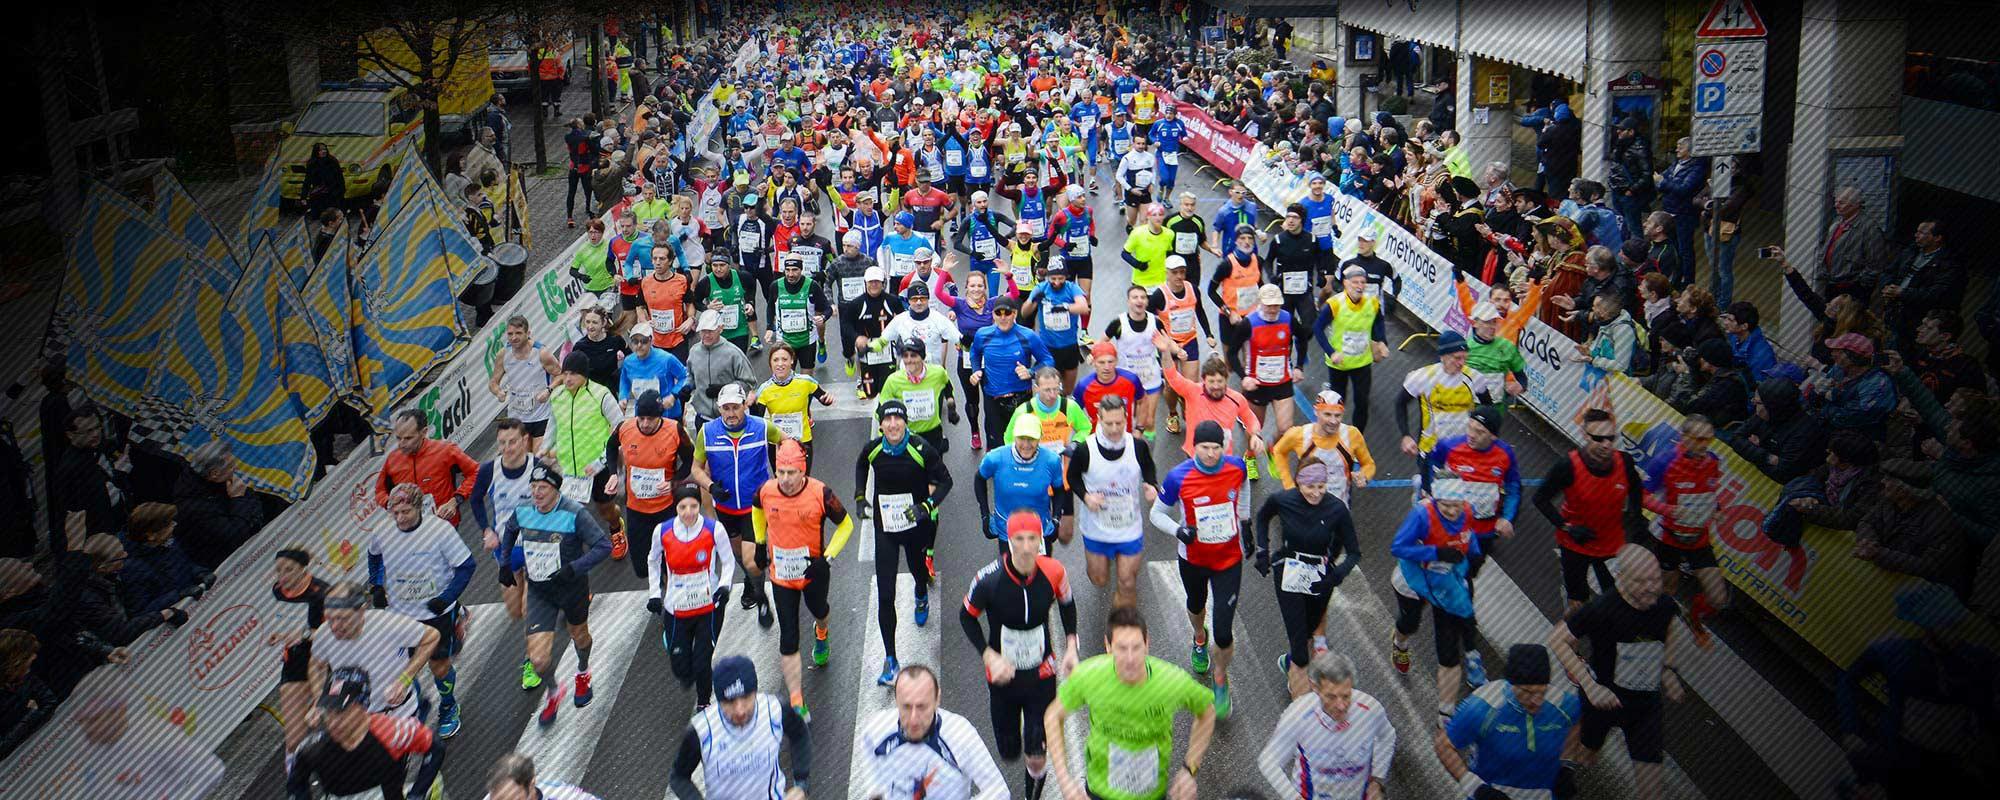 Alles over de Treviso Marathon en hoe jij er aan mee kunt doen